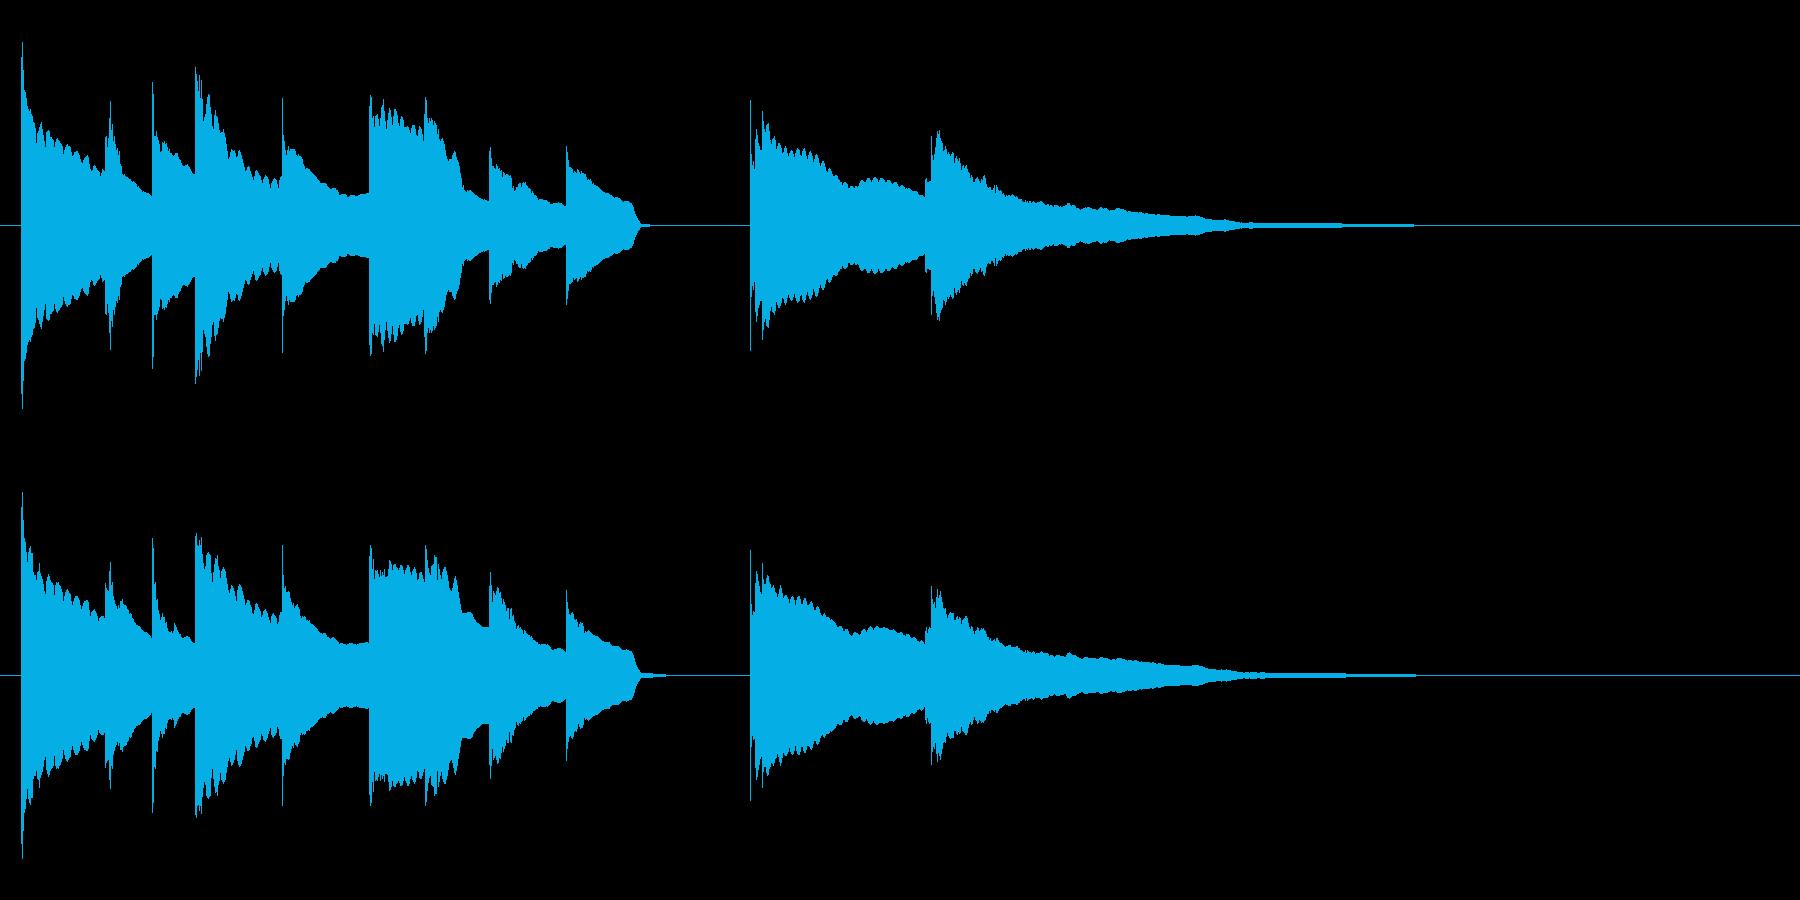 エンディング E. ピアノソロ の再生済みの波形